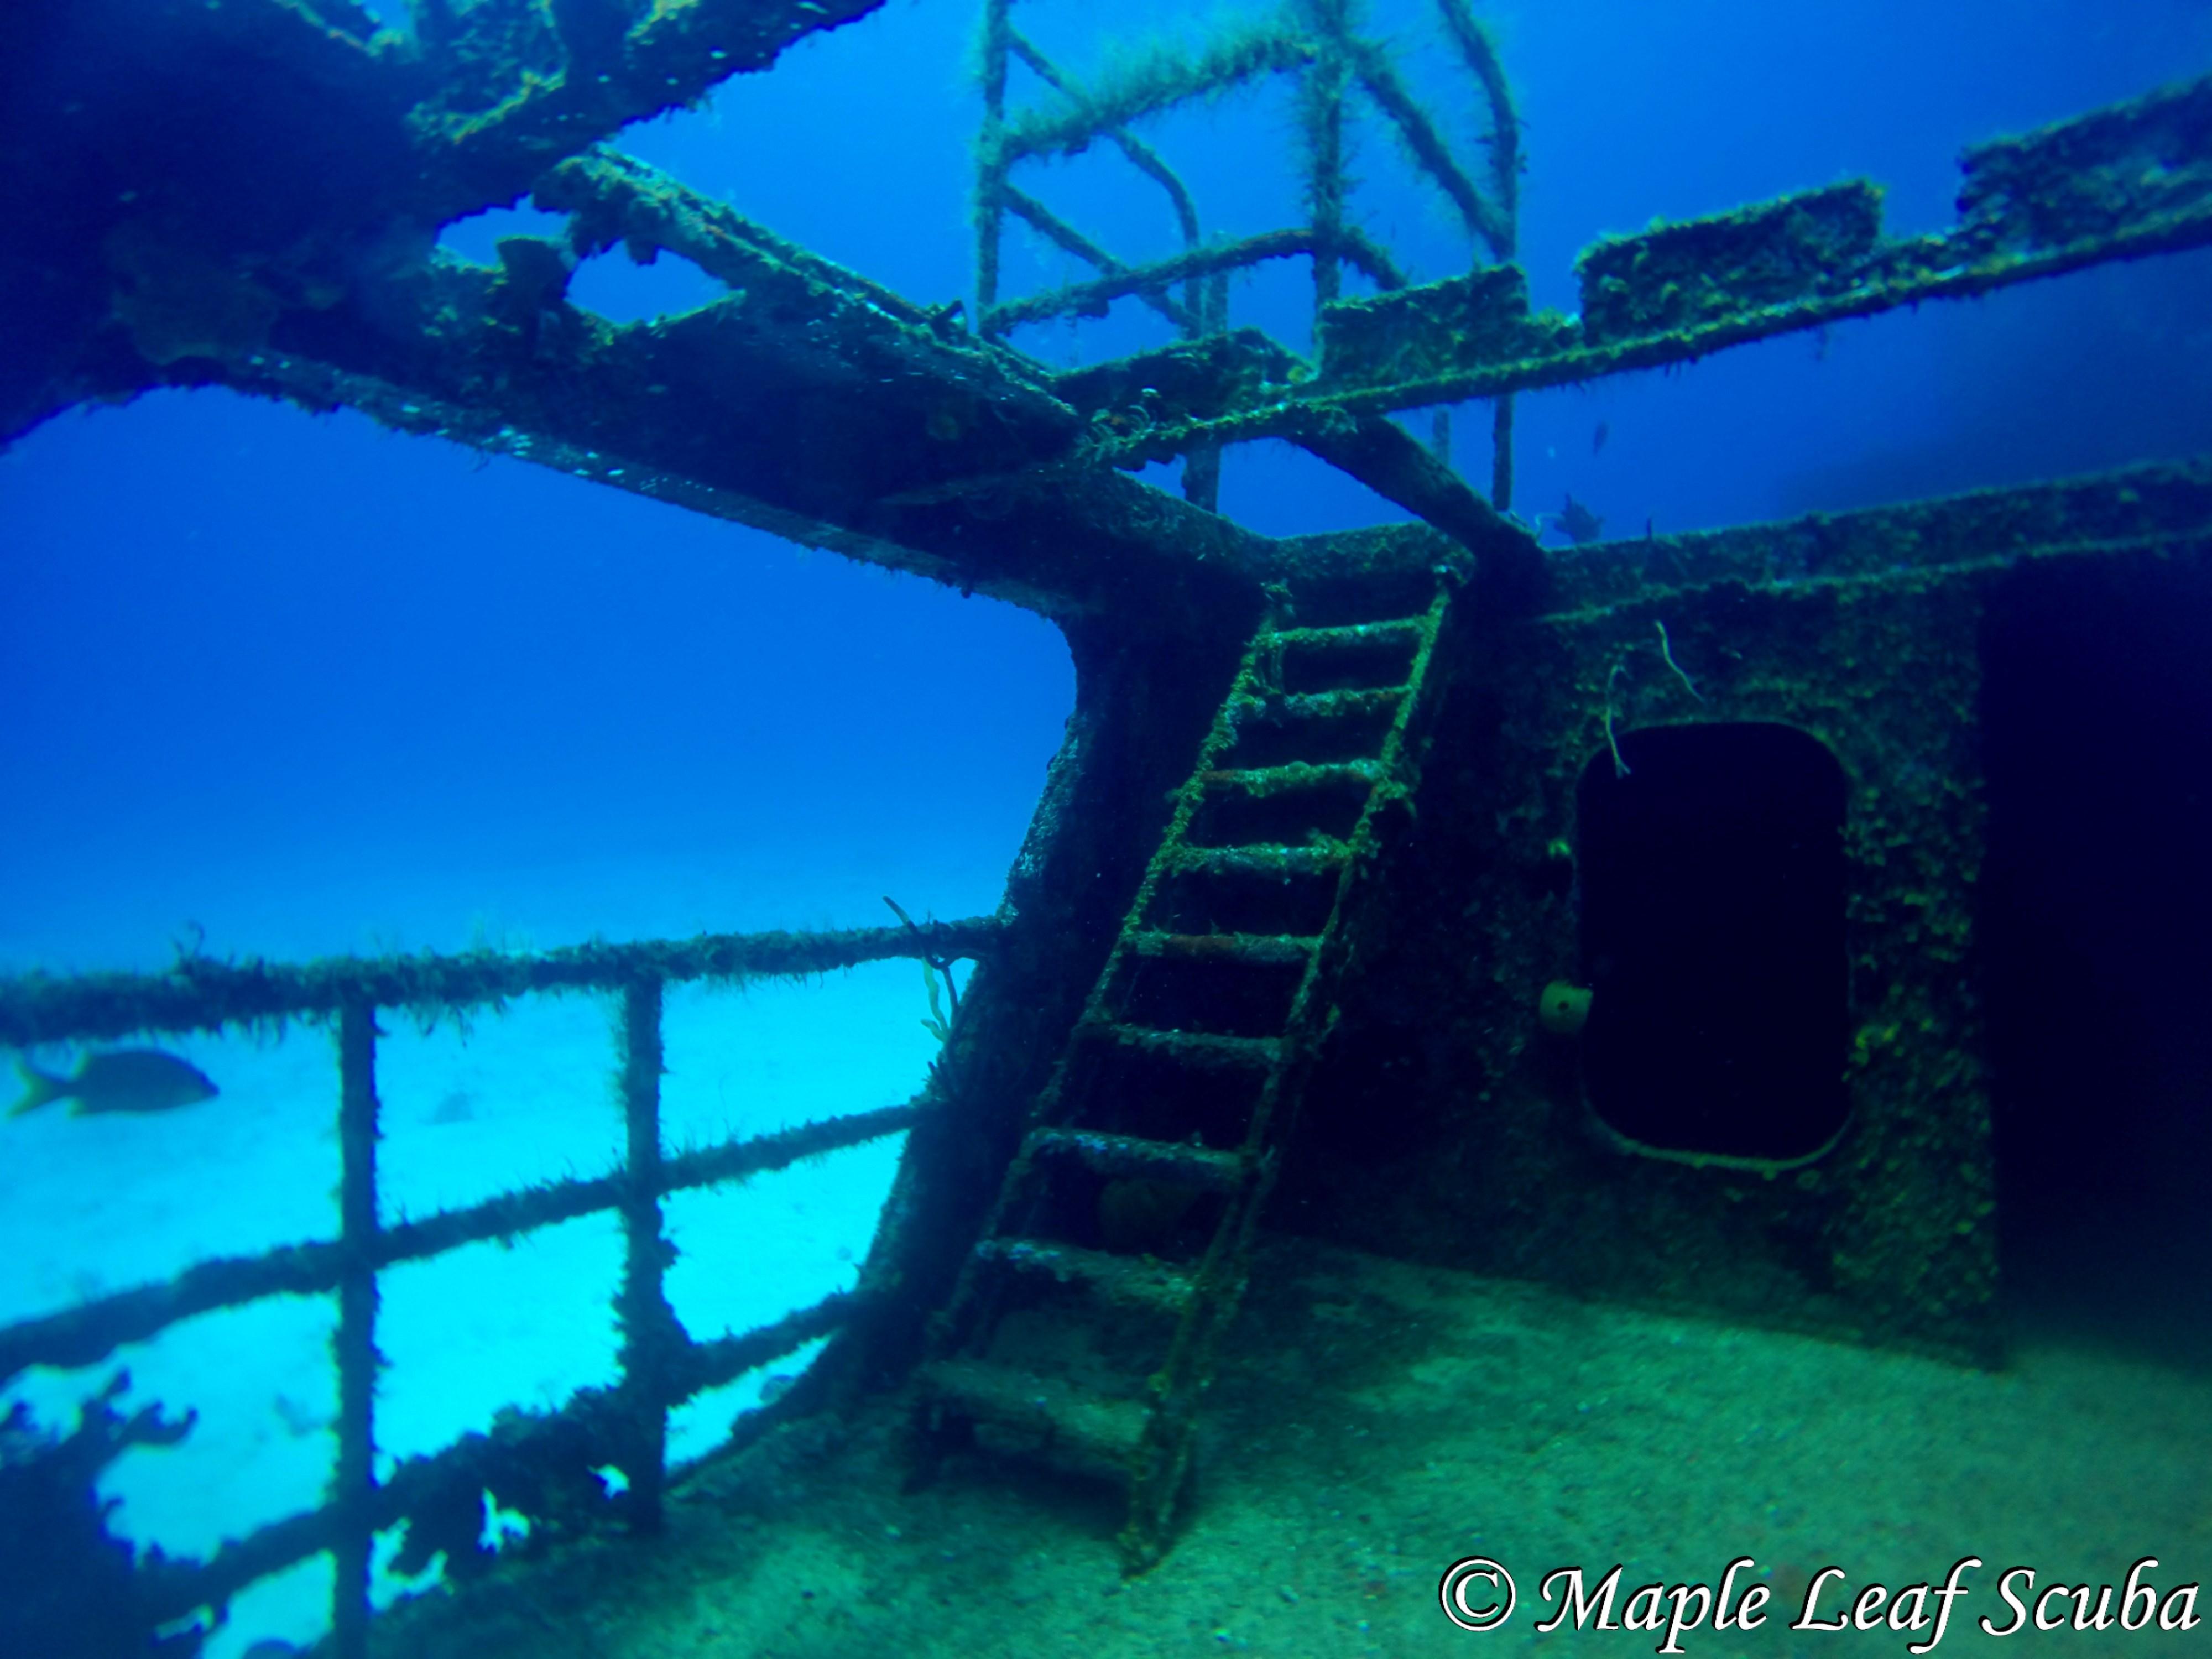 Diving the C53 felipe xicotencatl wreck in Cozumel